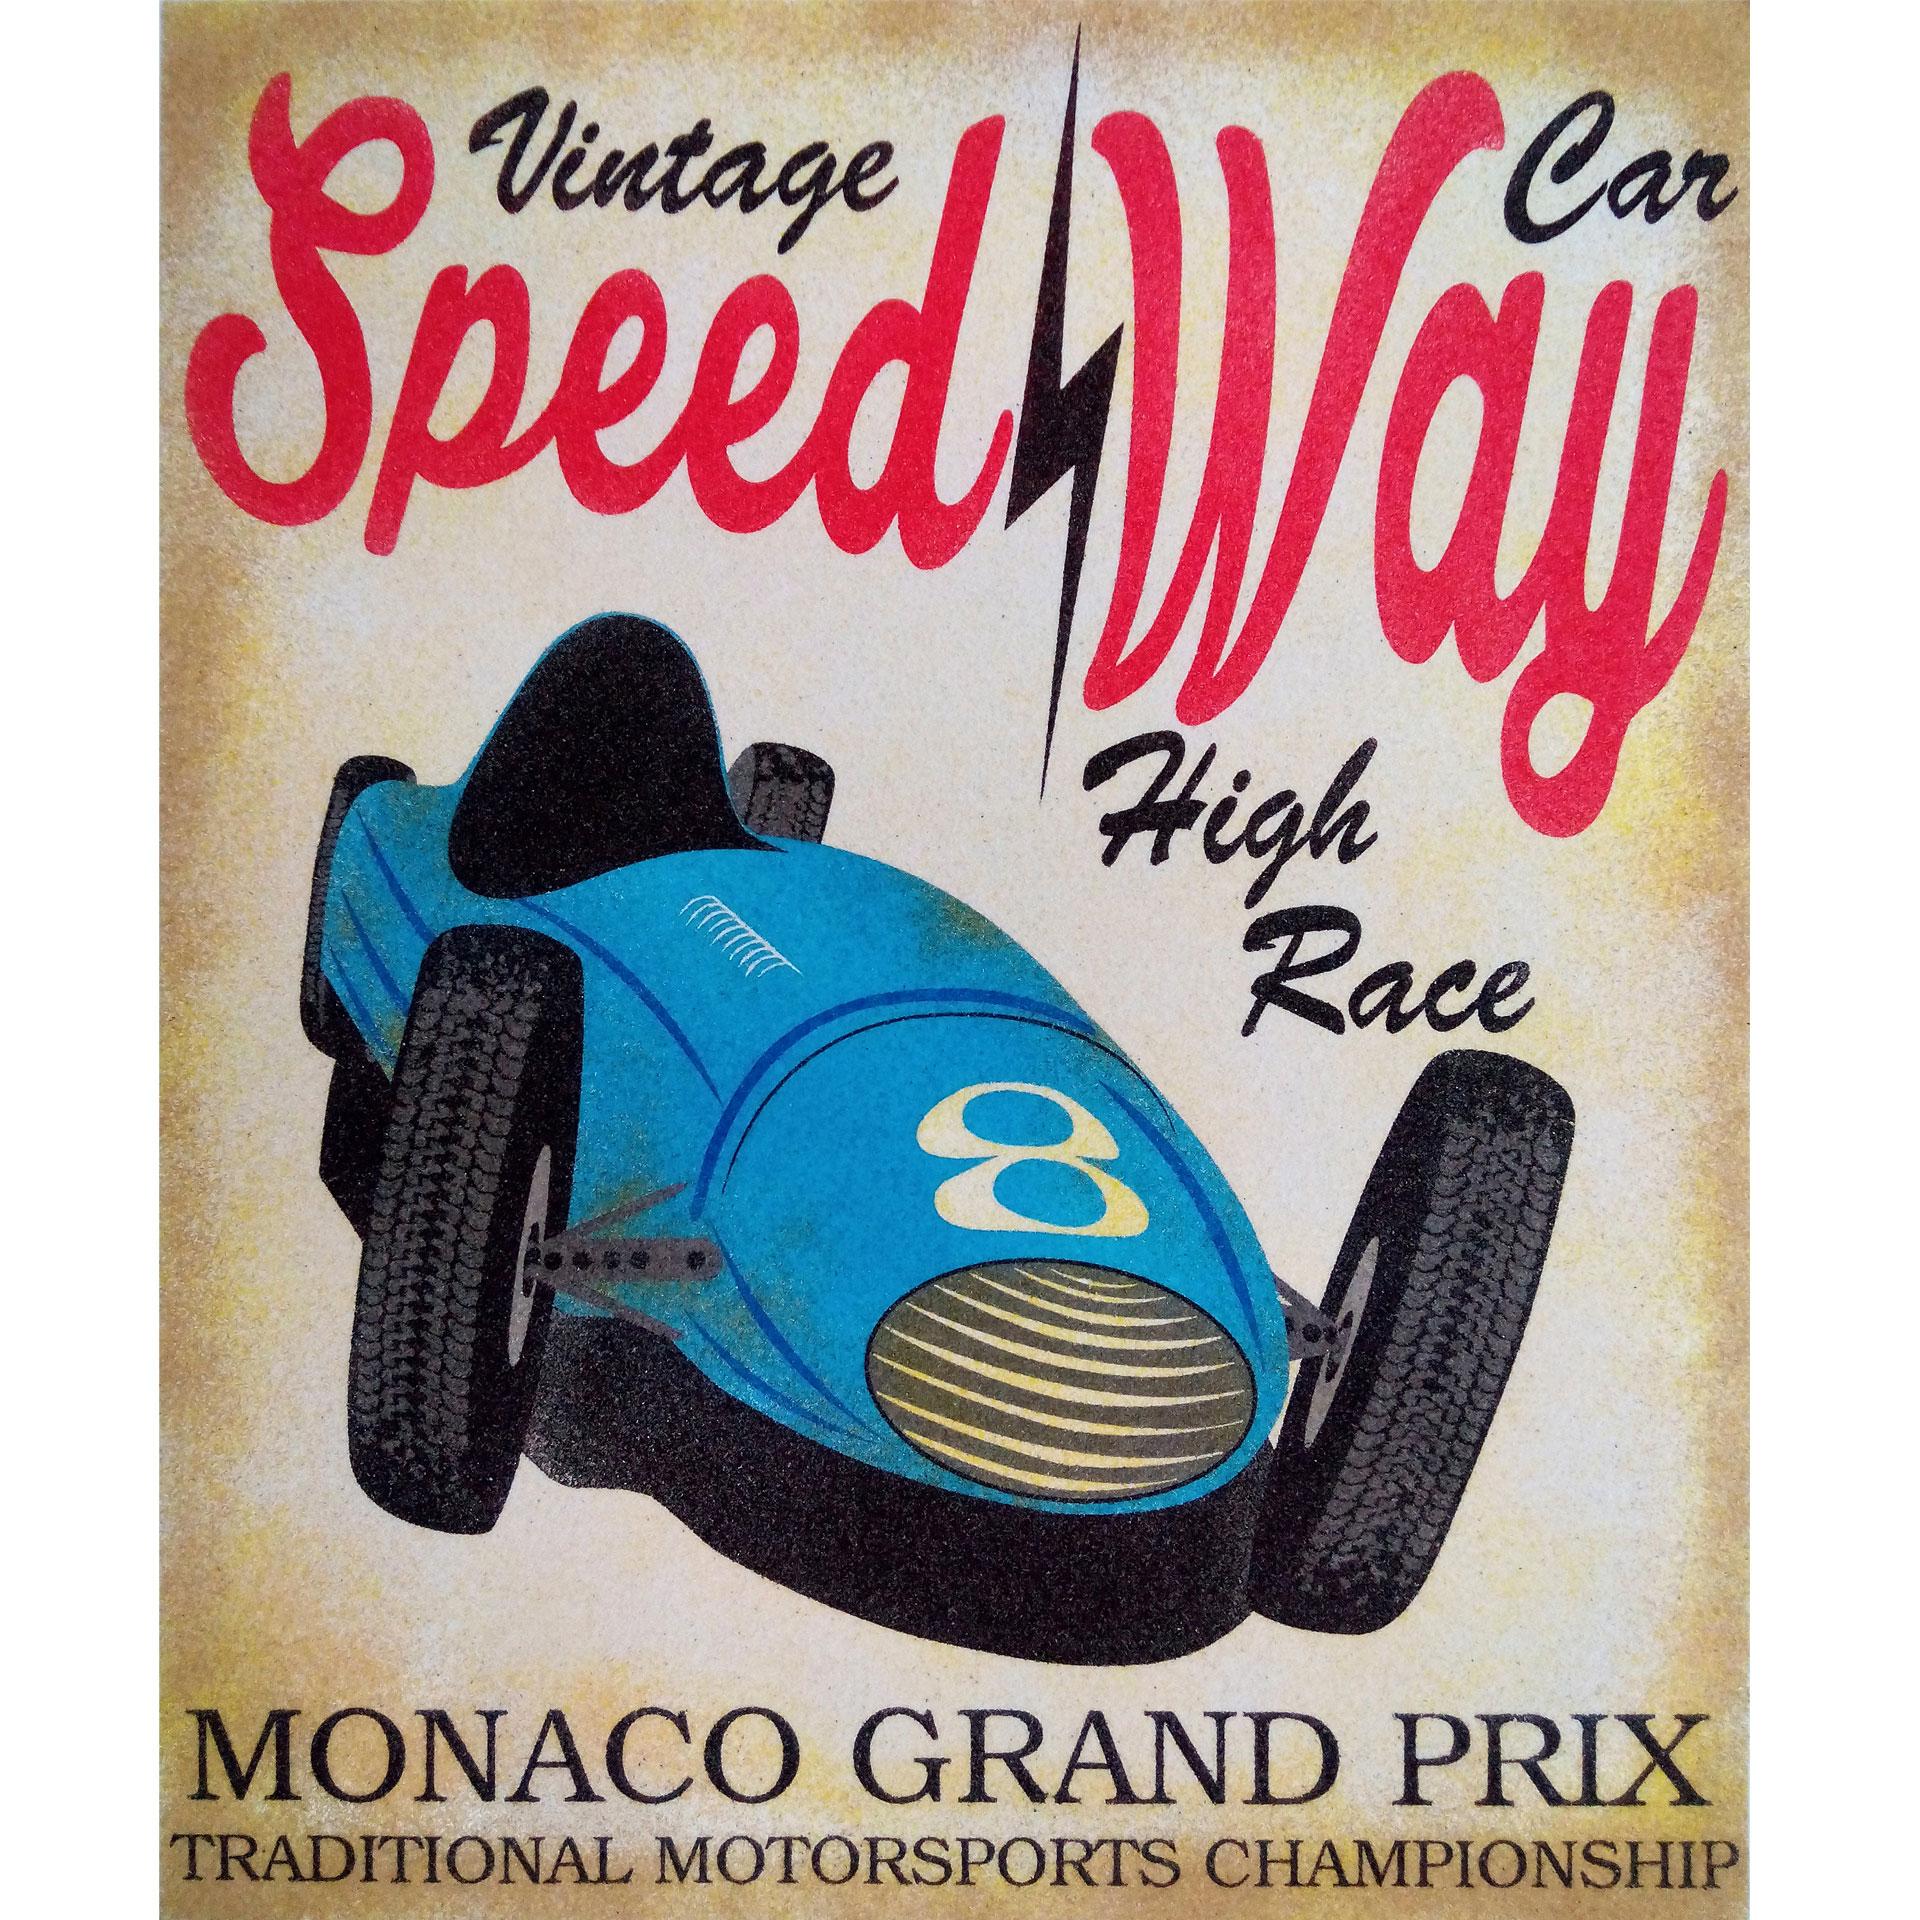 Monaco Grand Prix. 2 medidas disponibles